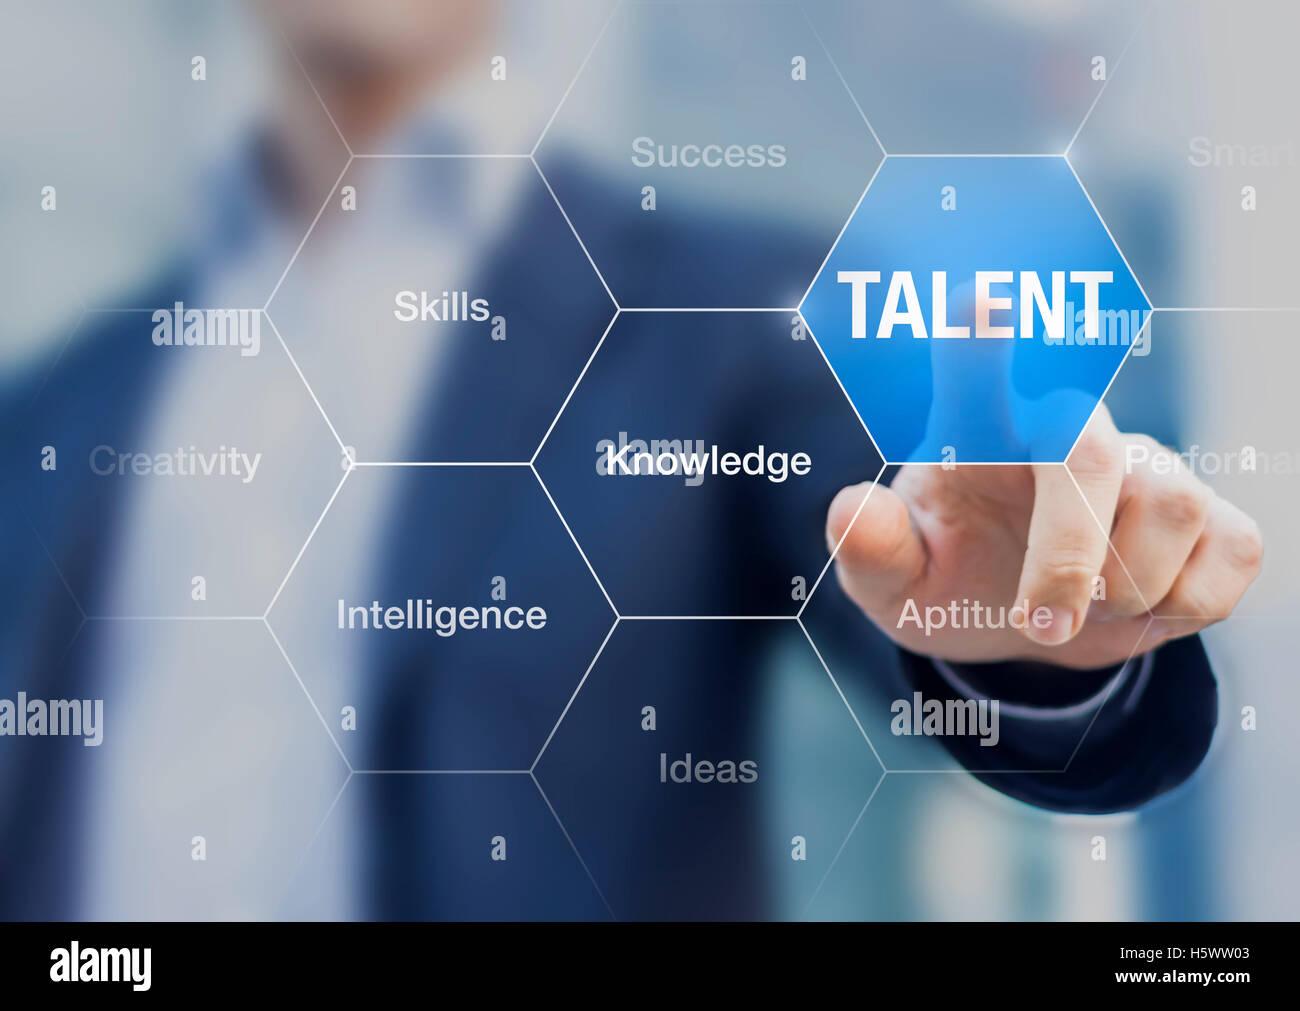 Konzept über Talent, Leistung basierend auf herausragende Intelligenz und wissen Stockbild